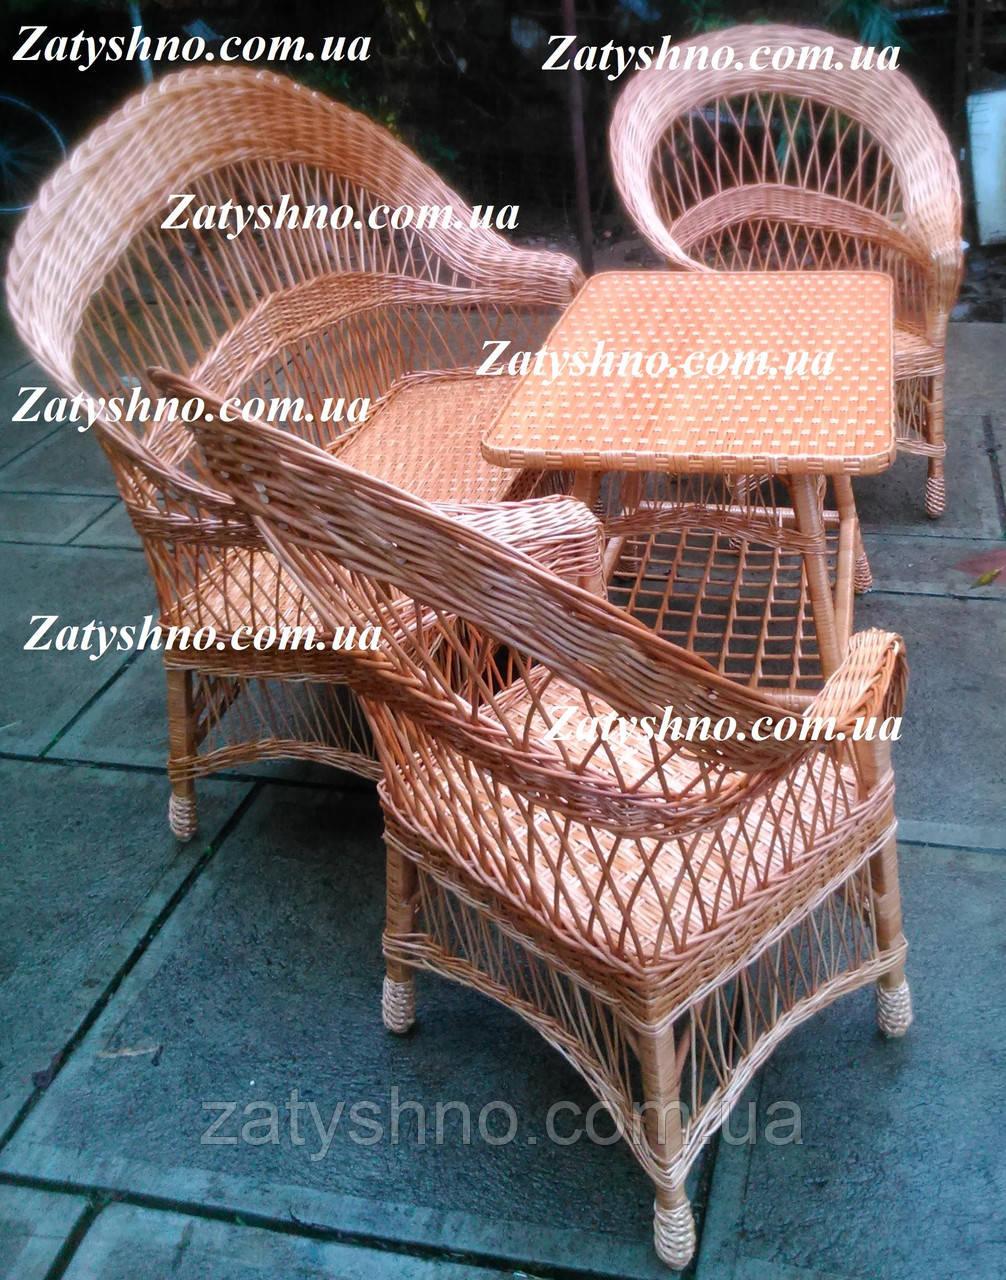 Плетеная мебель из дерева и лозы